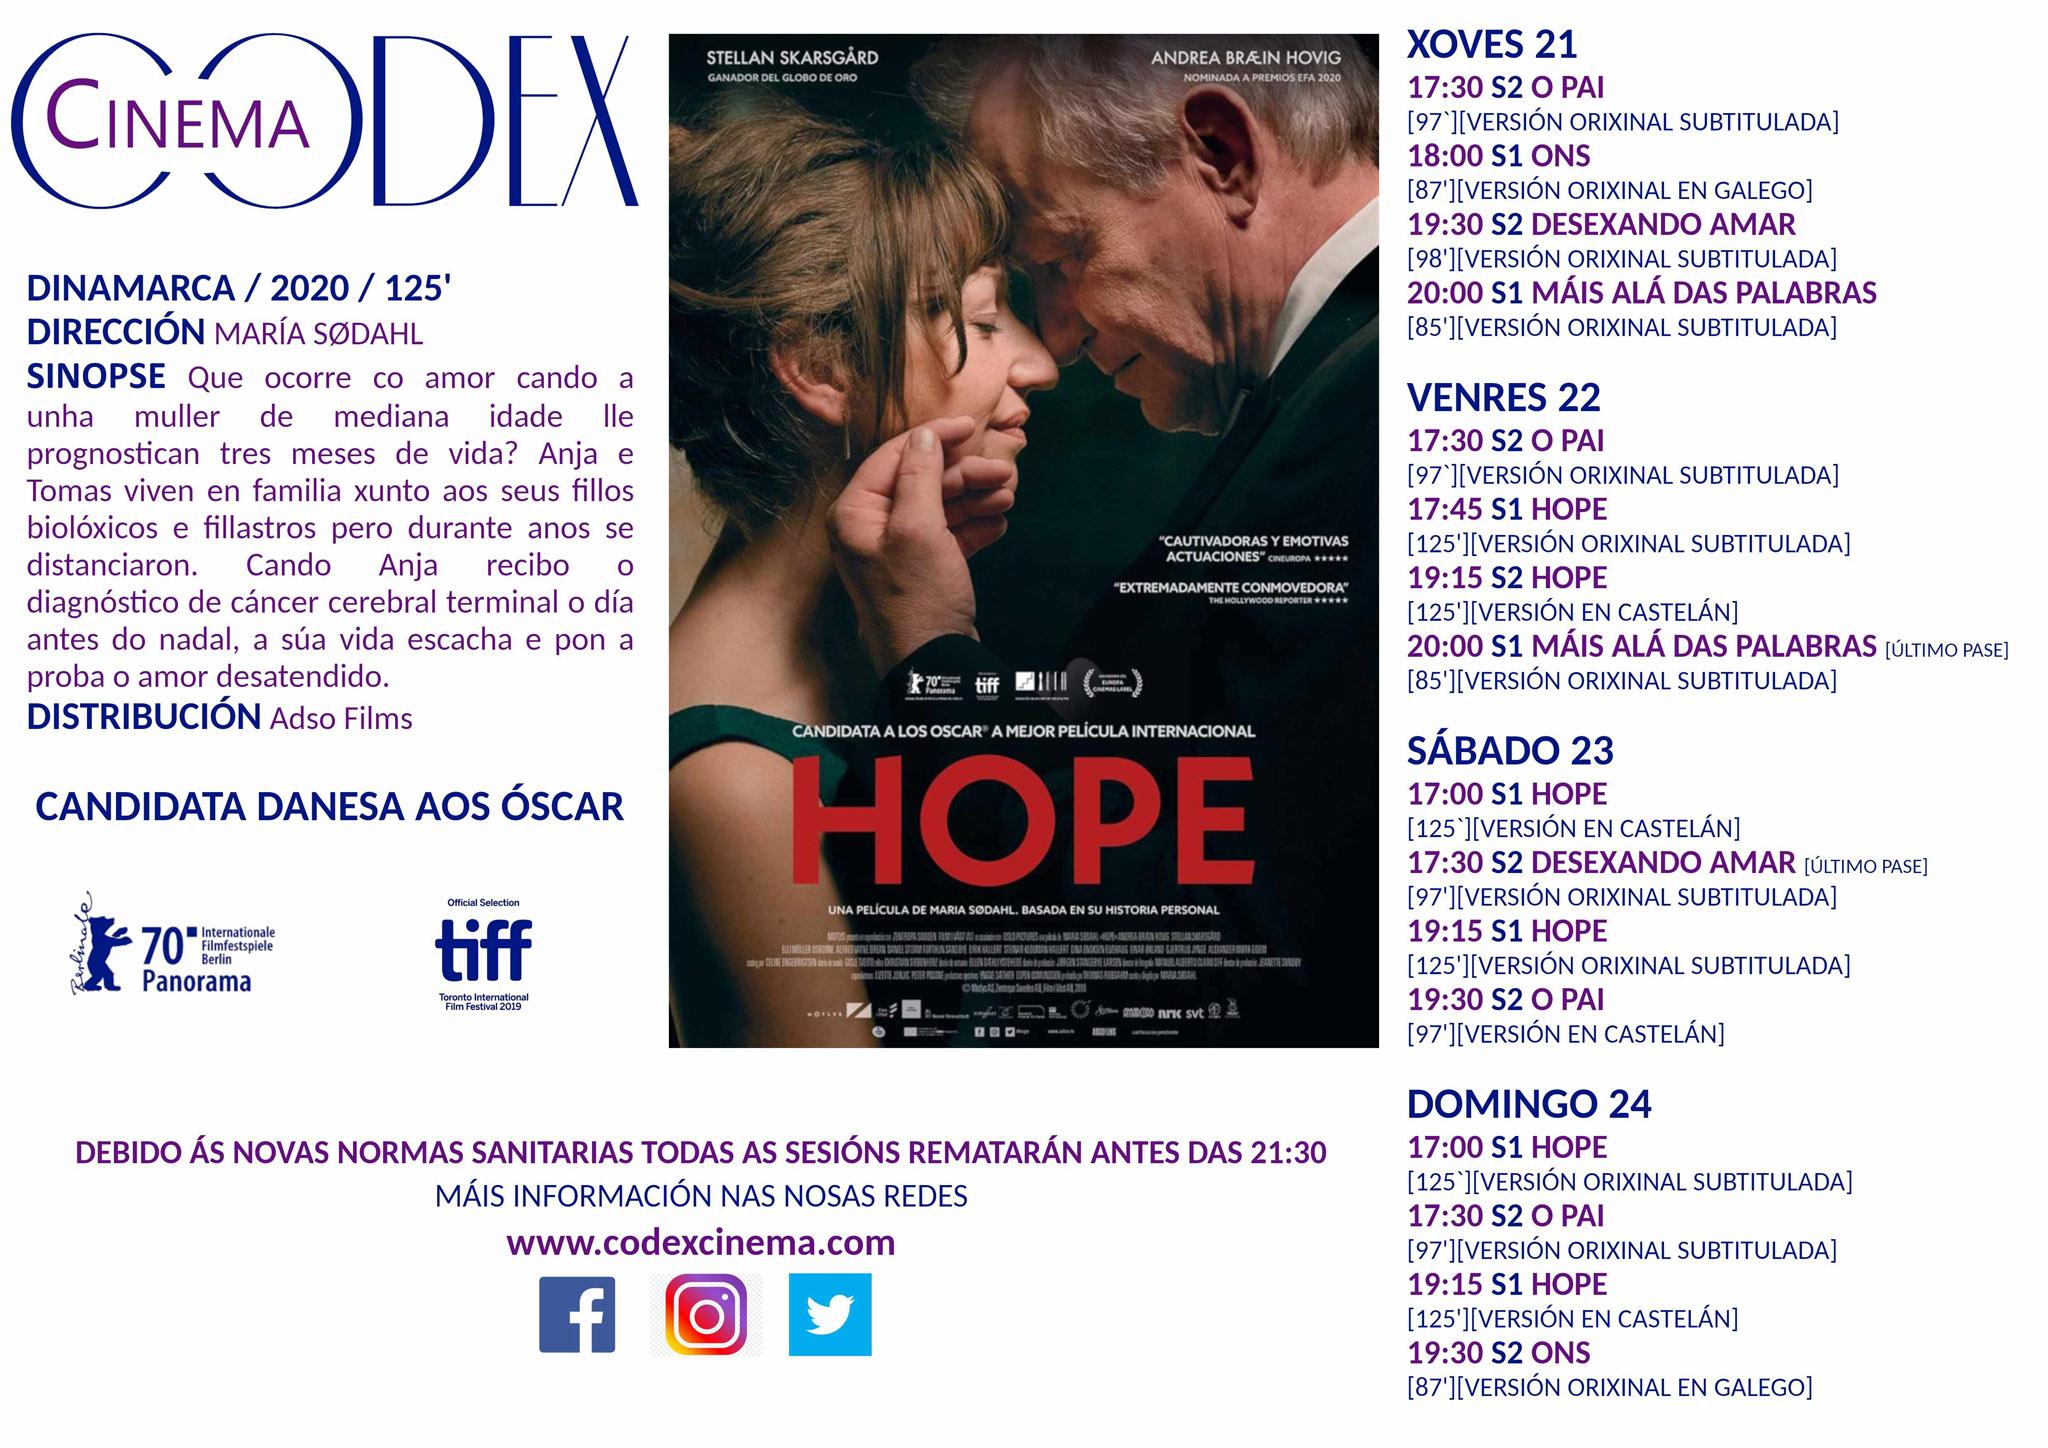 Carteleira dos Códex Cinema - Xoves 21/01 en adiante